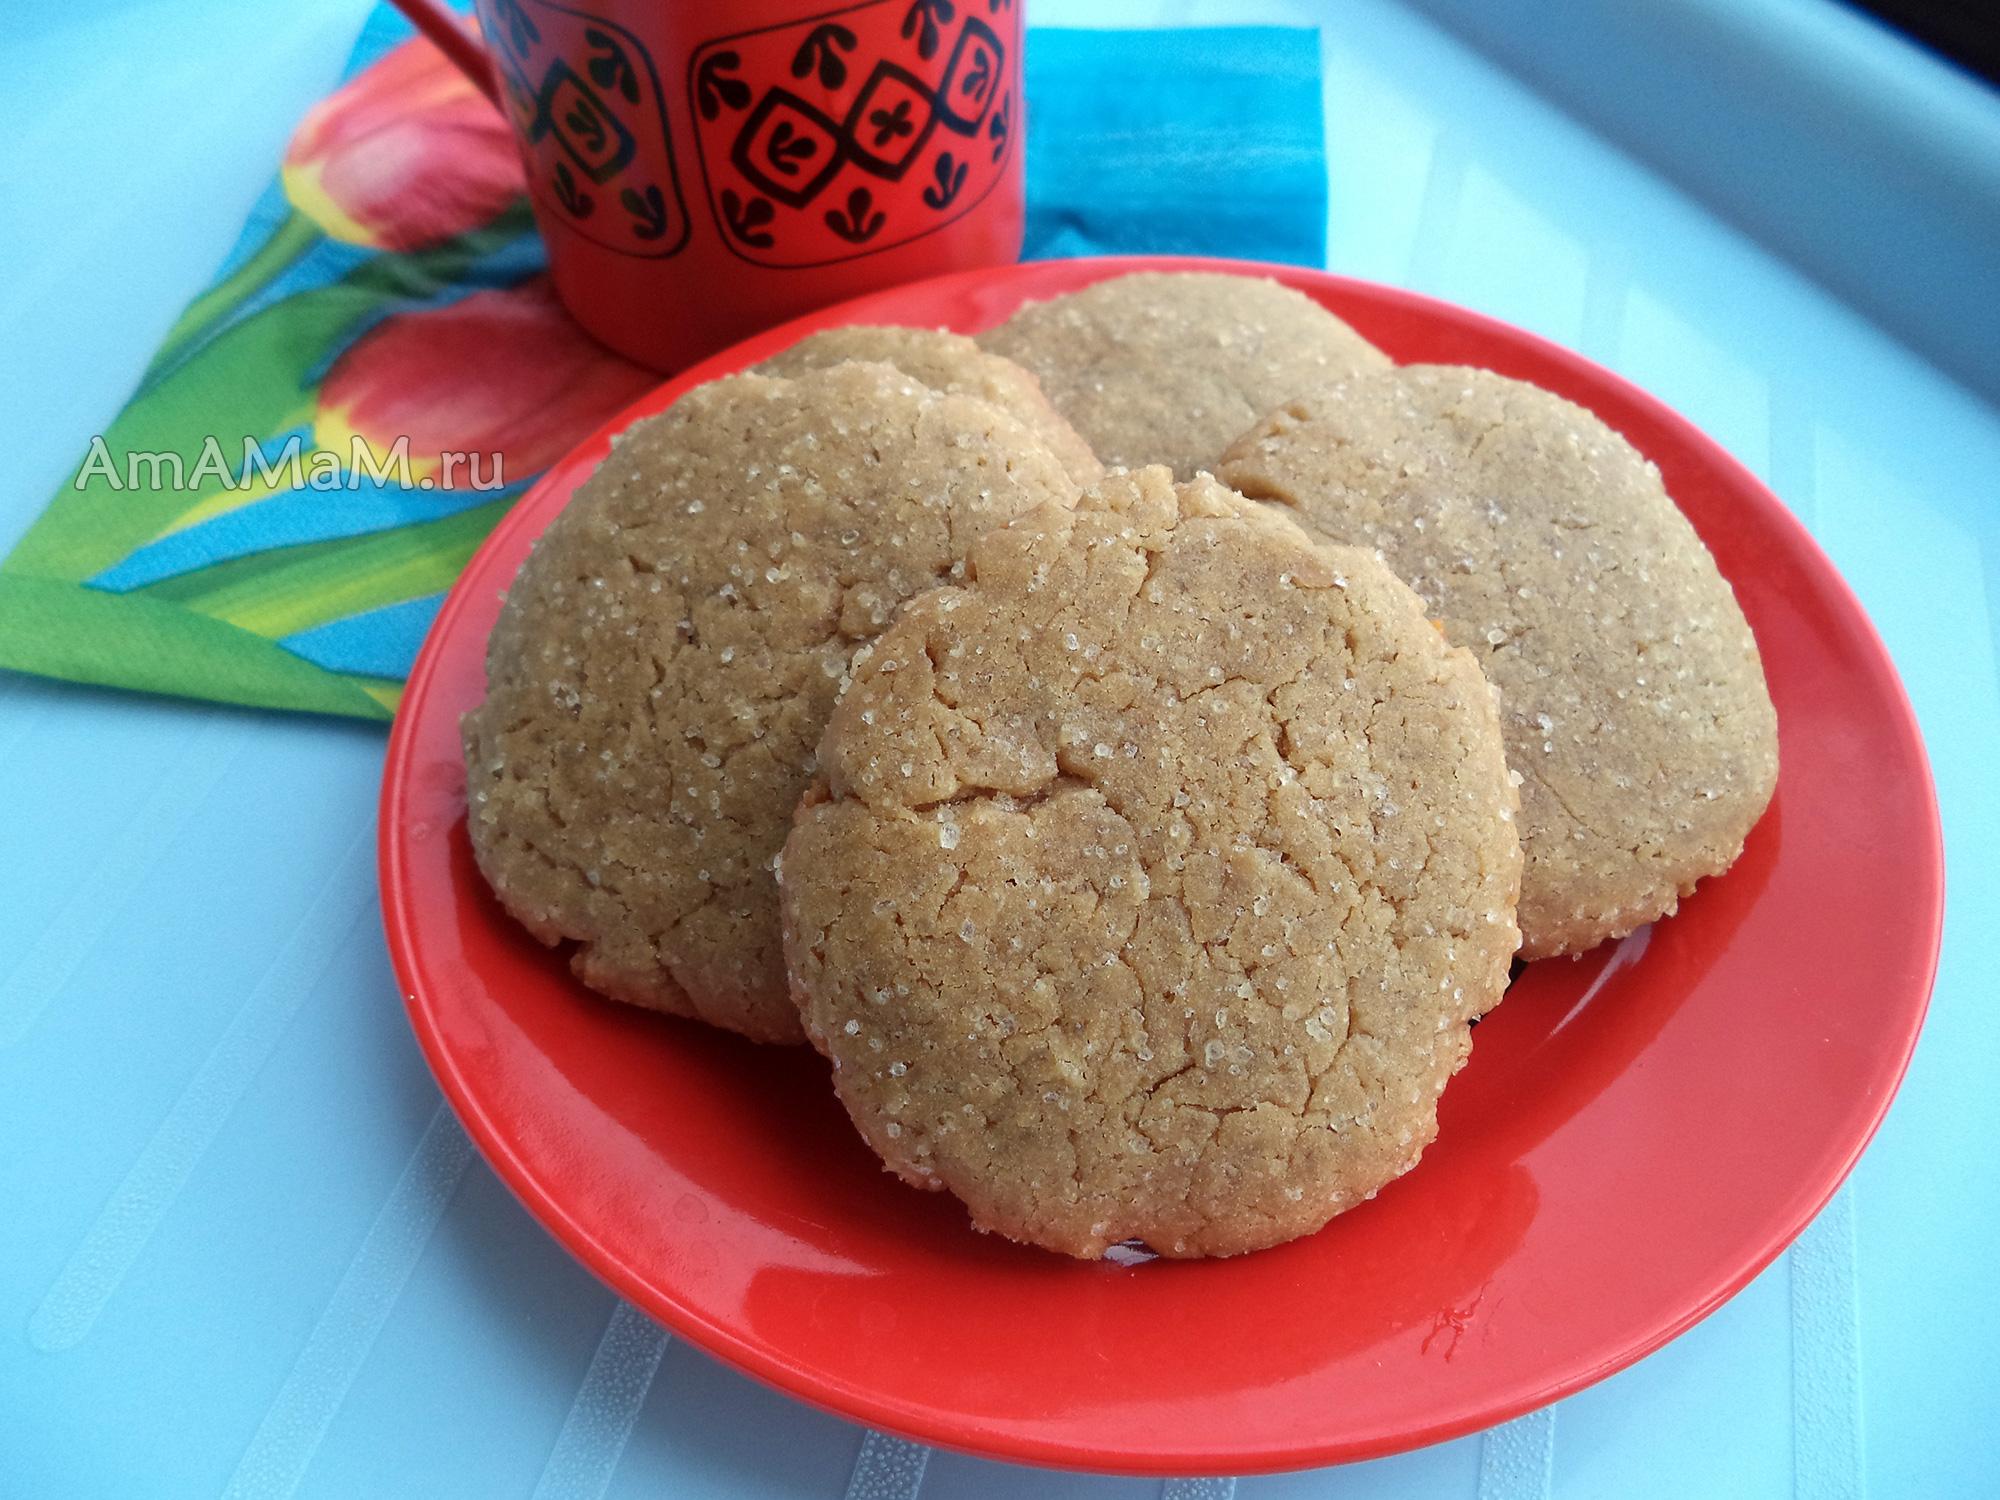 Выпечка к чаю - как делают кофейное печенье на растительном масле - рецепт и фото